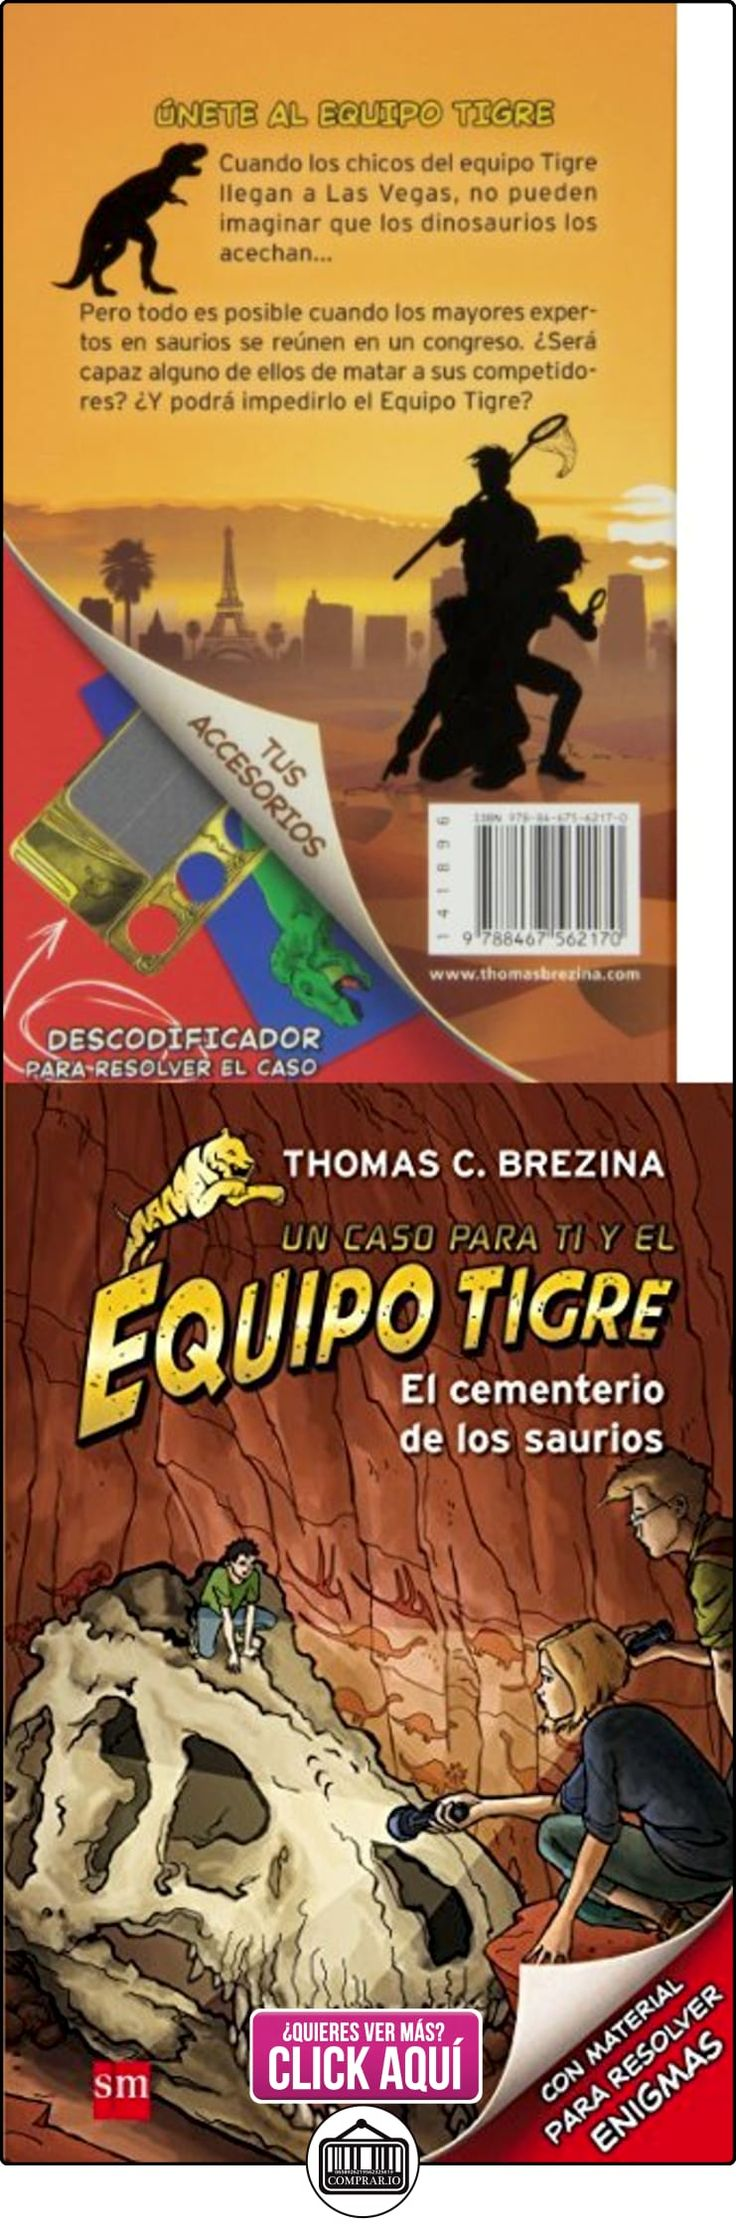 El Cementerio De Los Saurios (Equipo tigre) Thomas Brezina ✿ Libros infantiles y juveniles - (De 6 a 9 años) ✿ ▬► Ver oferta: https://comprar.io/goto/846756217X